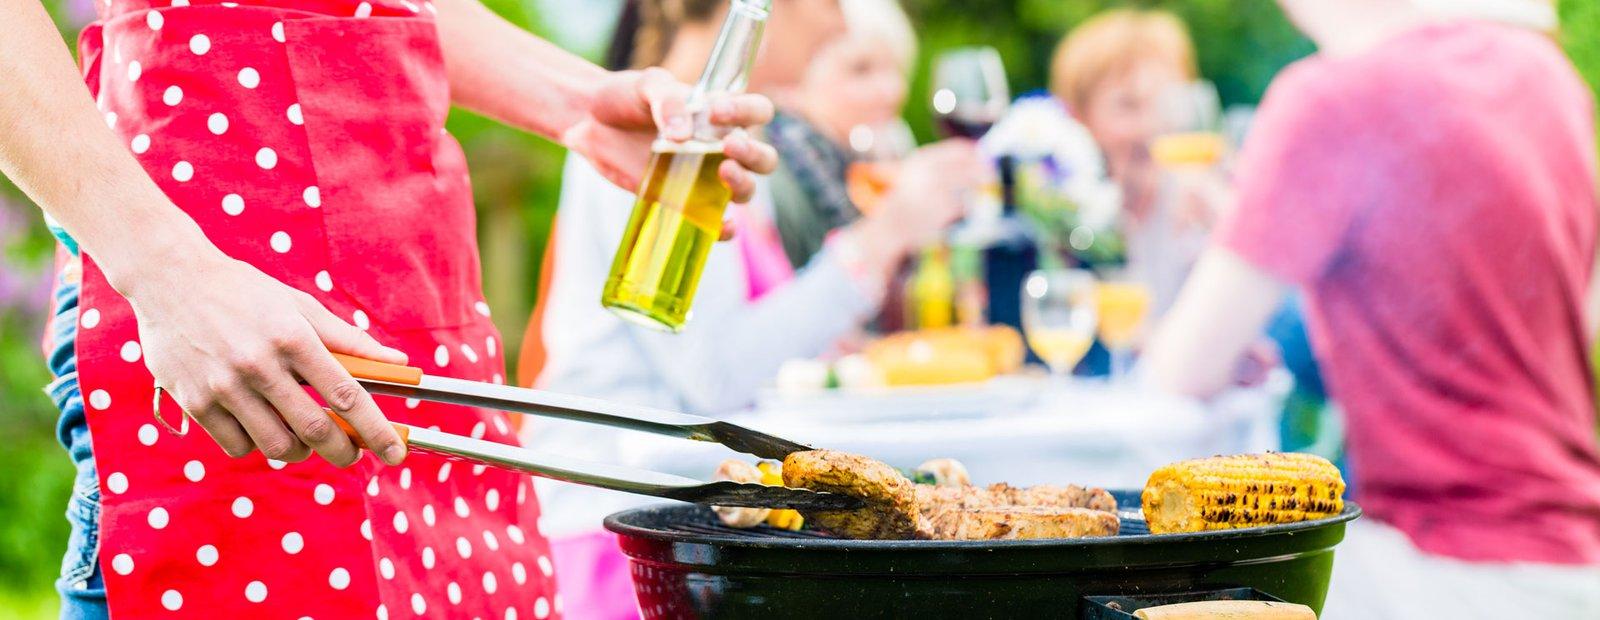 Cucinare Alla Griglia Pomi International